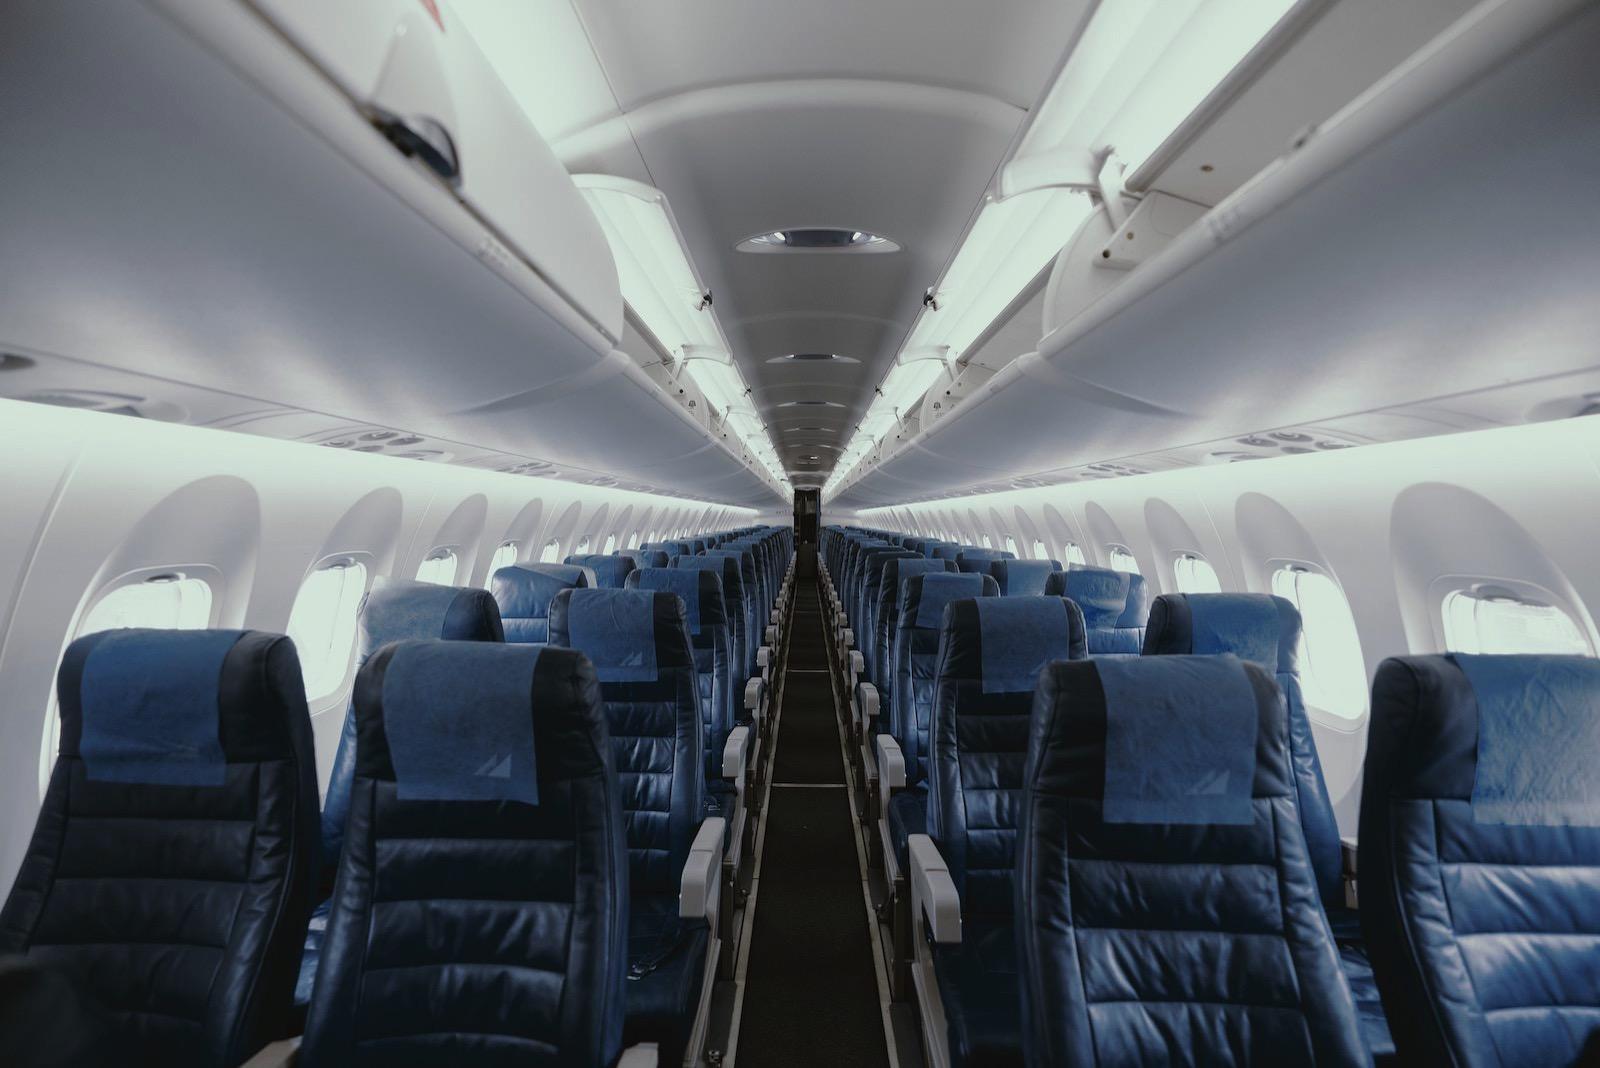 jc-gellidon-1g3qVp7ynX4-unsplash-airline-seats.jpg